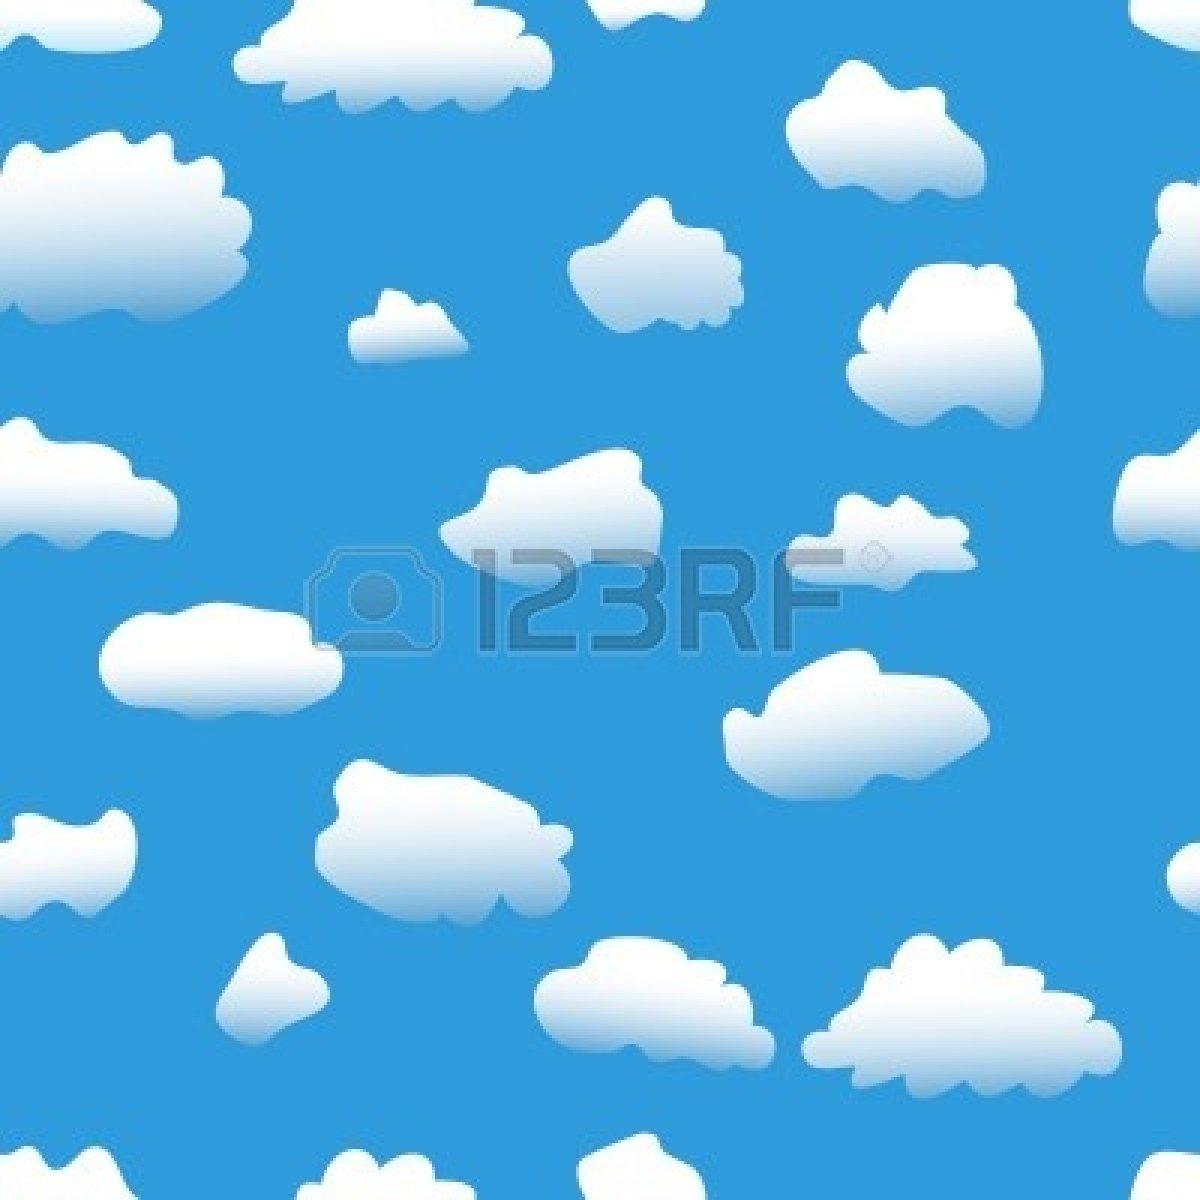 Clouds clipart sky blue Clouds blue%20clouds%20background Clipart Clipart Background